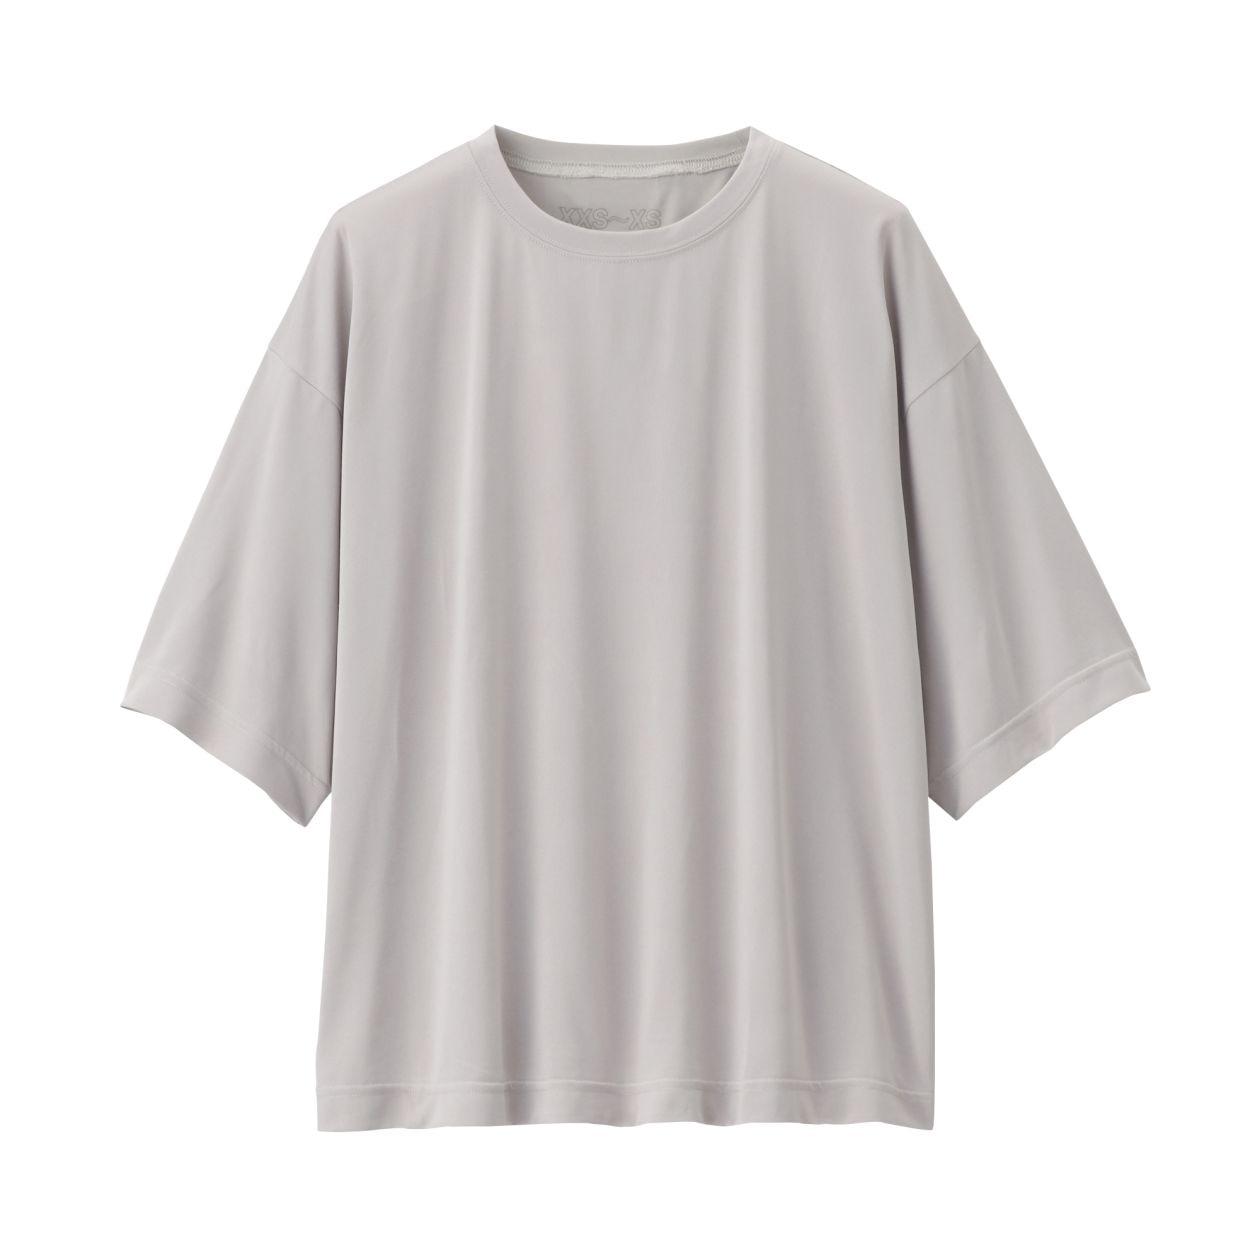 吸汗速乾UVカットドロップショルダーTシャツ